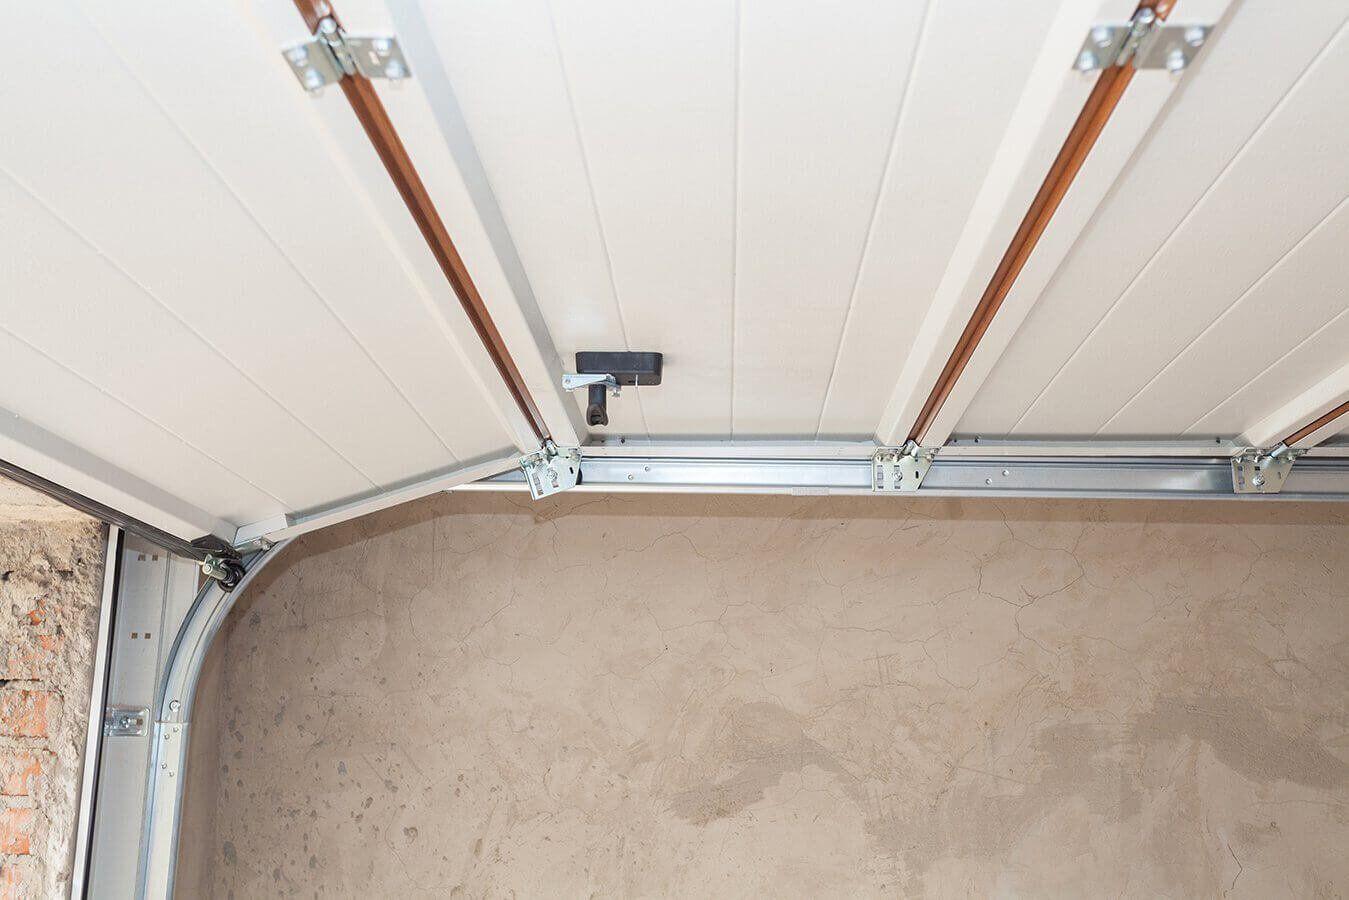 Sumo Garage Doors Provide The Best Garage Door Repair Service You Can Find Around With Zero Has In 2020 Garage Door Spring Replacement Garage Door Springs Garage Doors